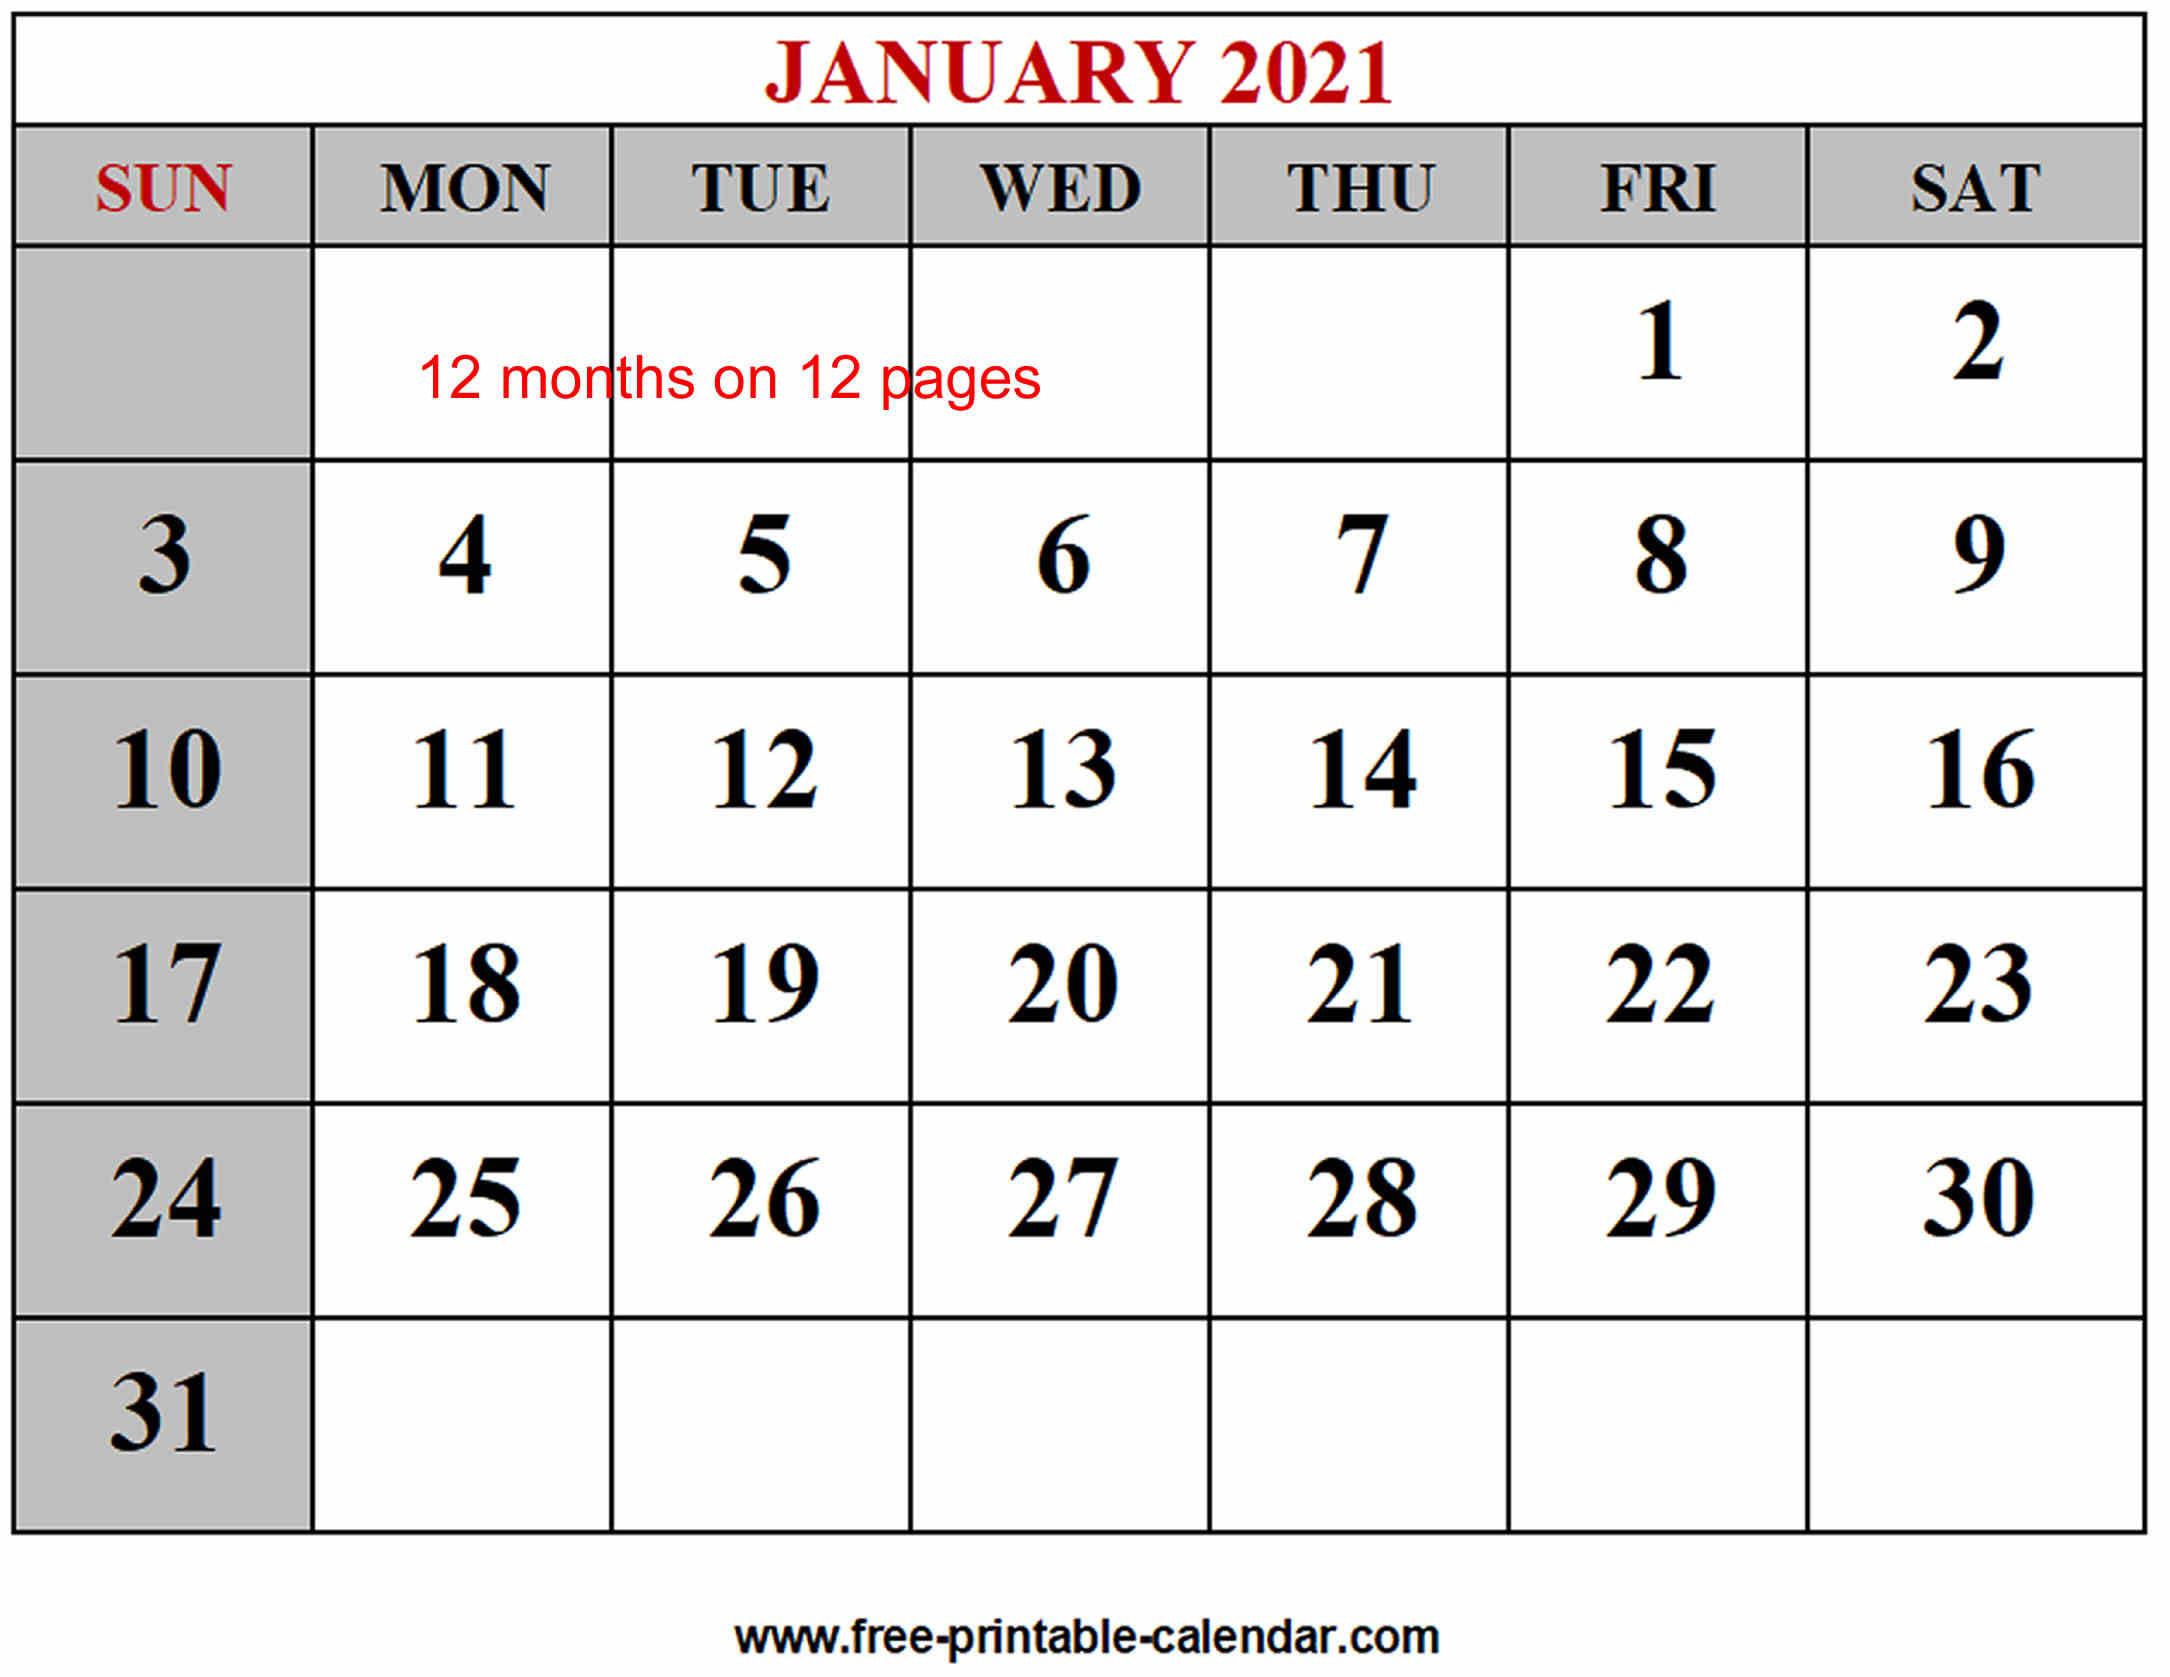 Year 2021 Calendar Templates - Free-Printable-Calendar within Free Fillable Calendar 2021